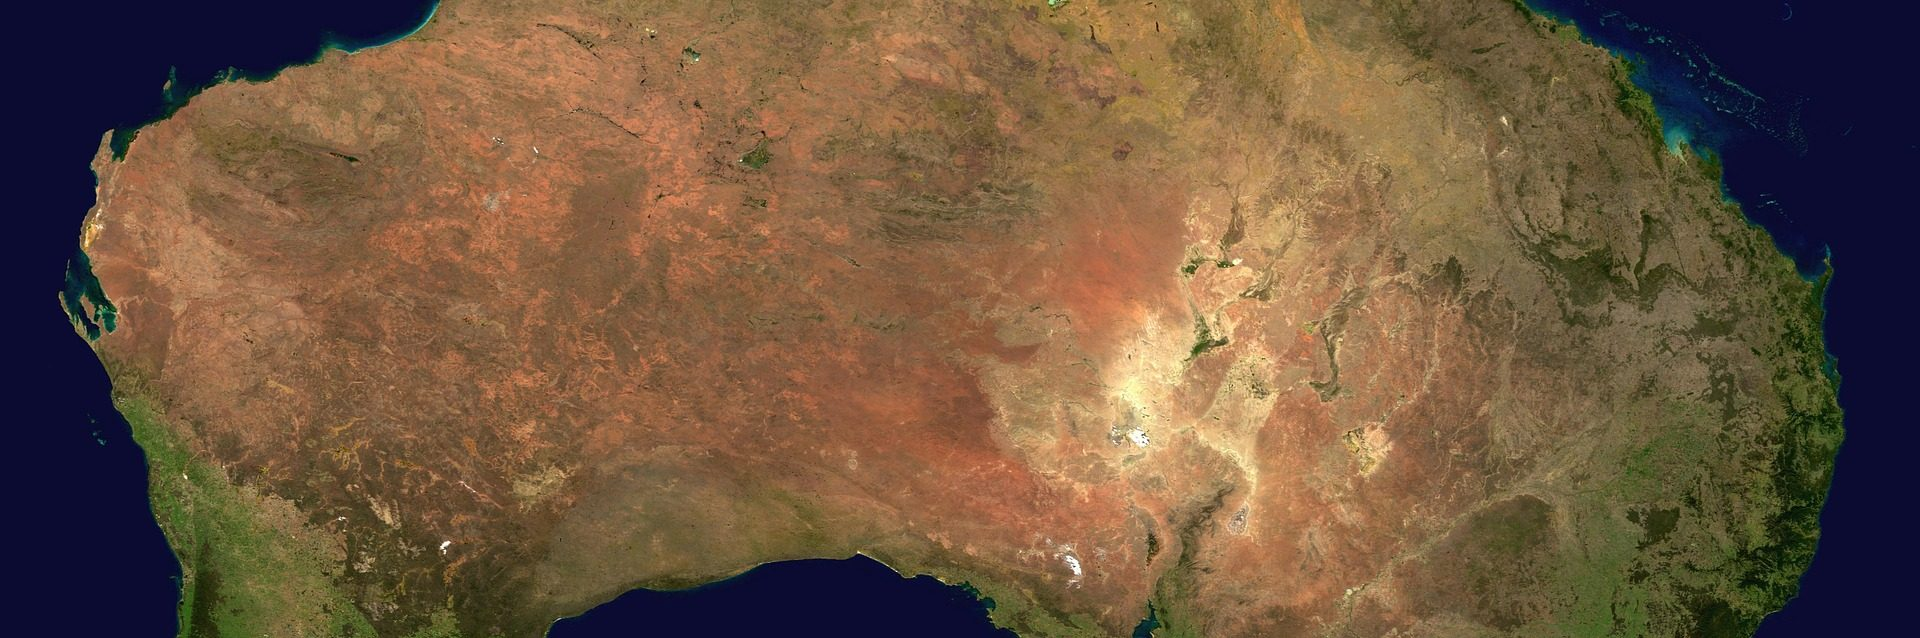 Invasión es un relato escrito por Miguel Rodríguez Echeandía sobre la guerra contra los emús que se llevó a cabo en Australia en el siglo XX.